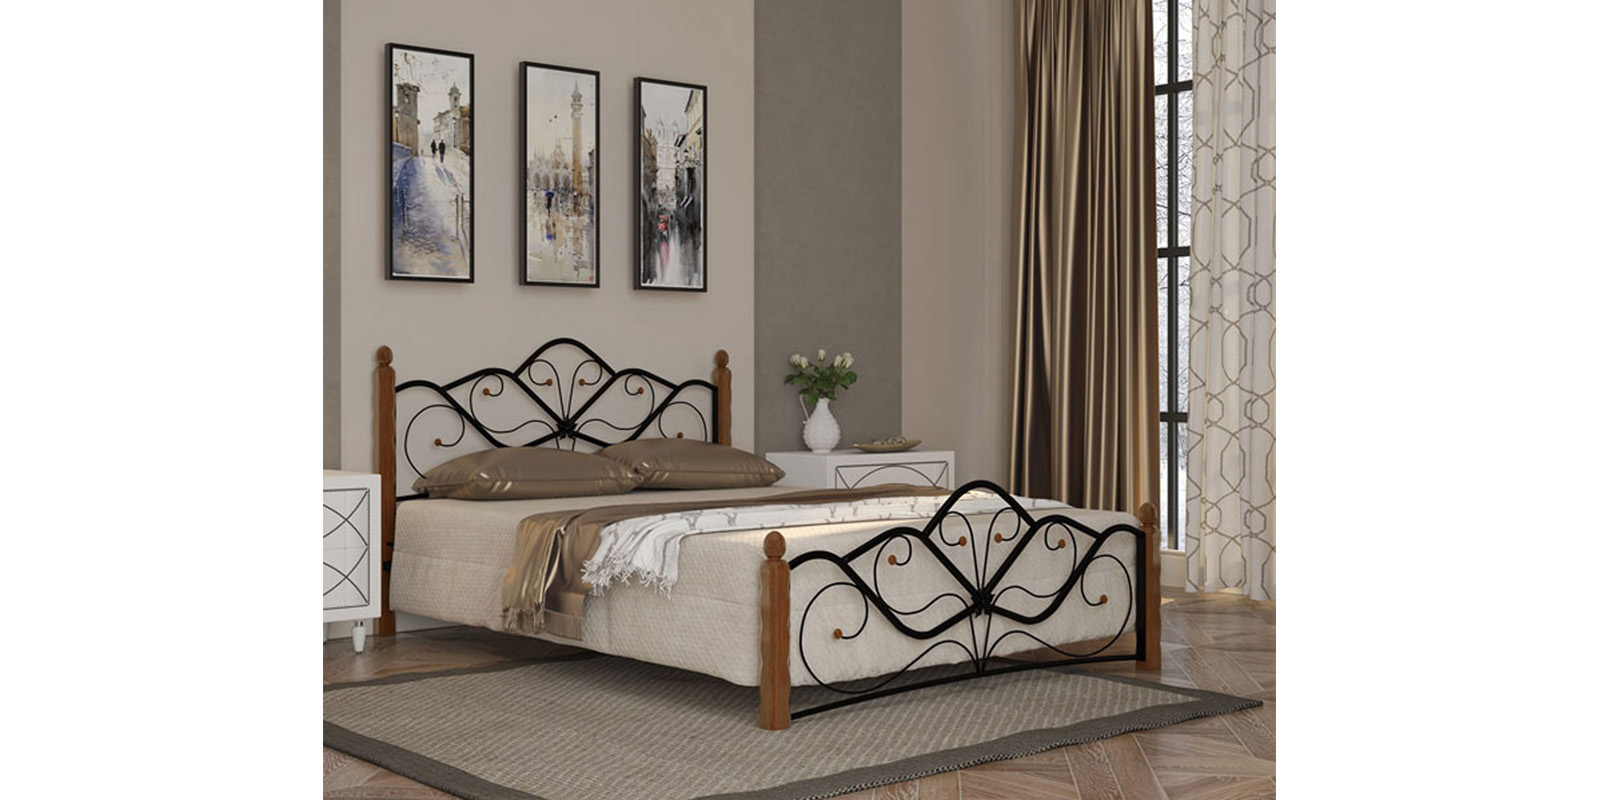 Металлическая кровать 140х200 Венера вариант №1 с ортопедическим основанием (черный/махагон)